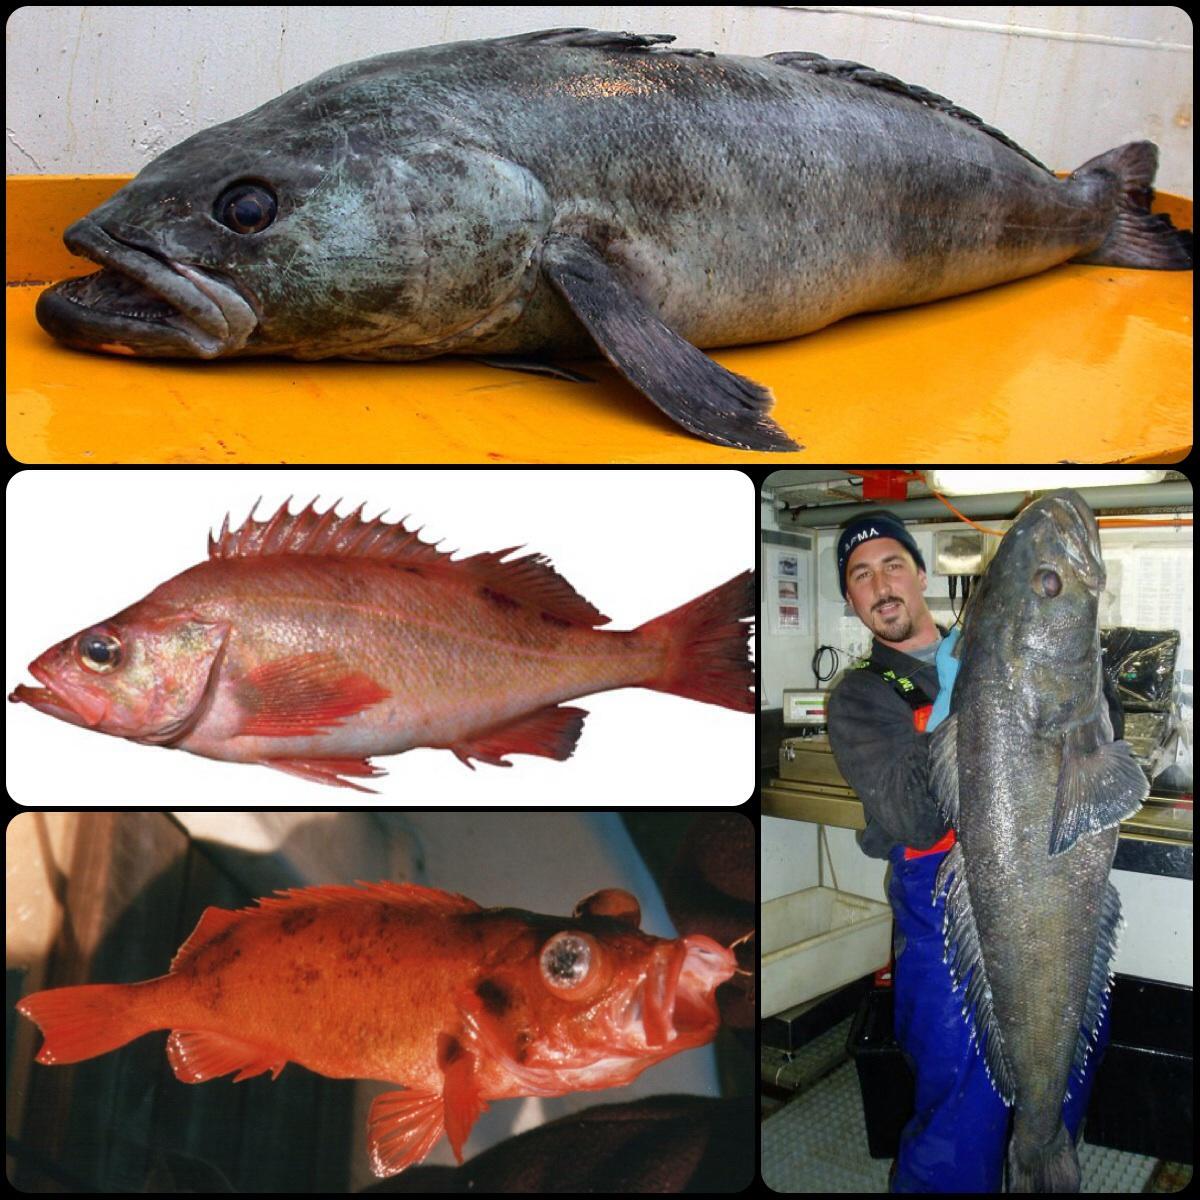 <魚のお話し: 謎の輸入魚 銀ムツと赤魚>